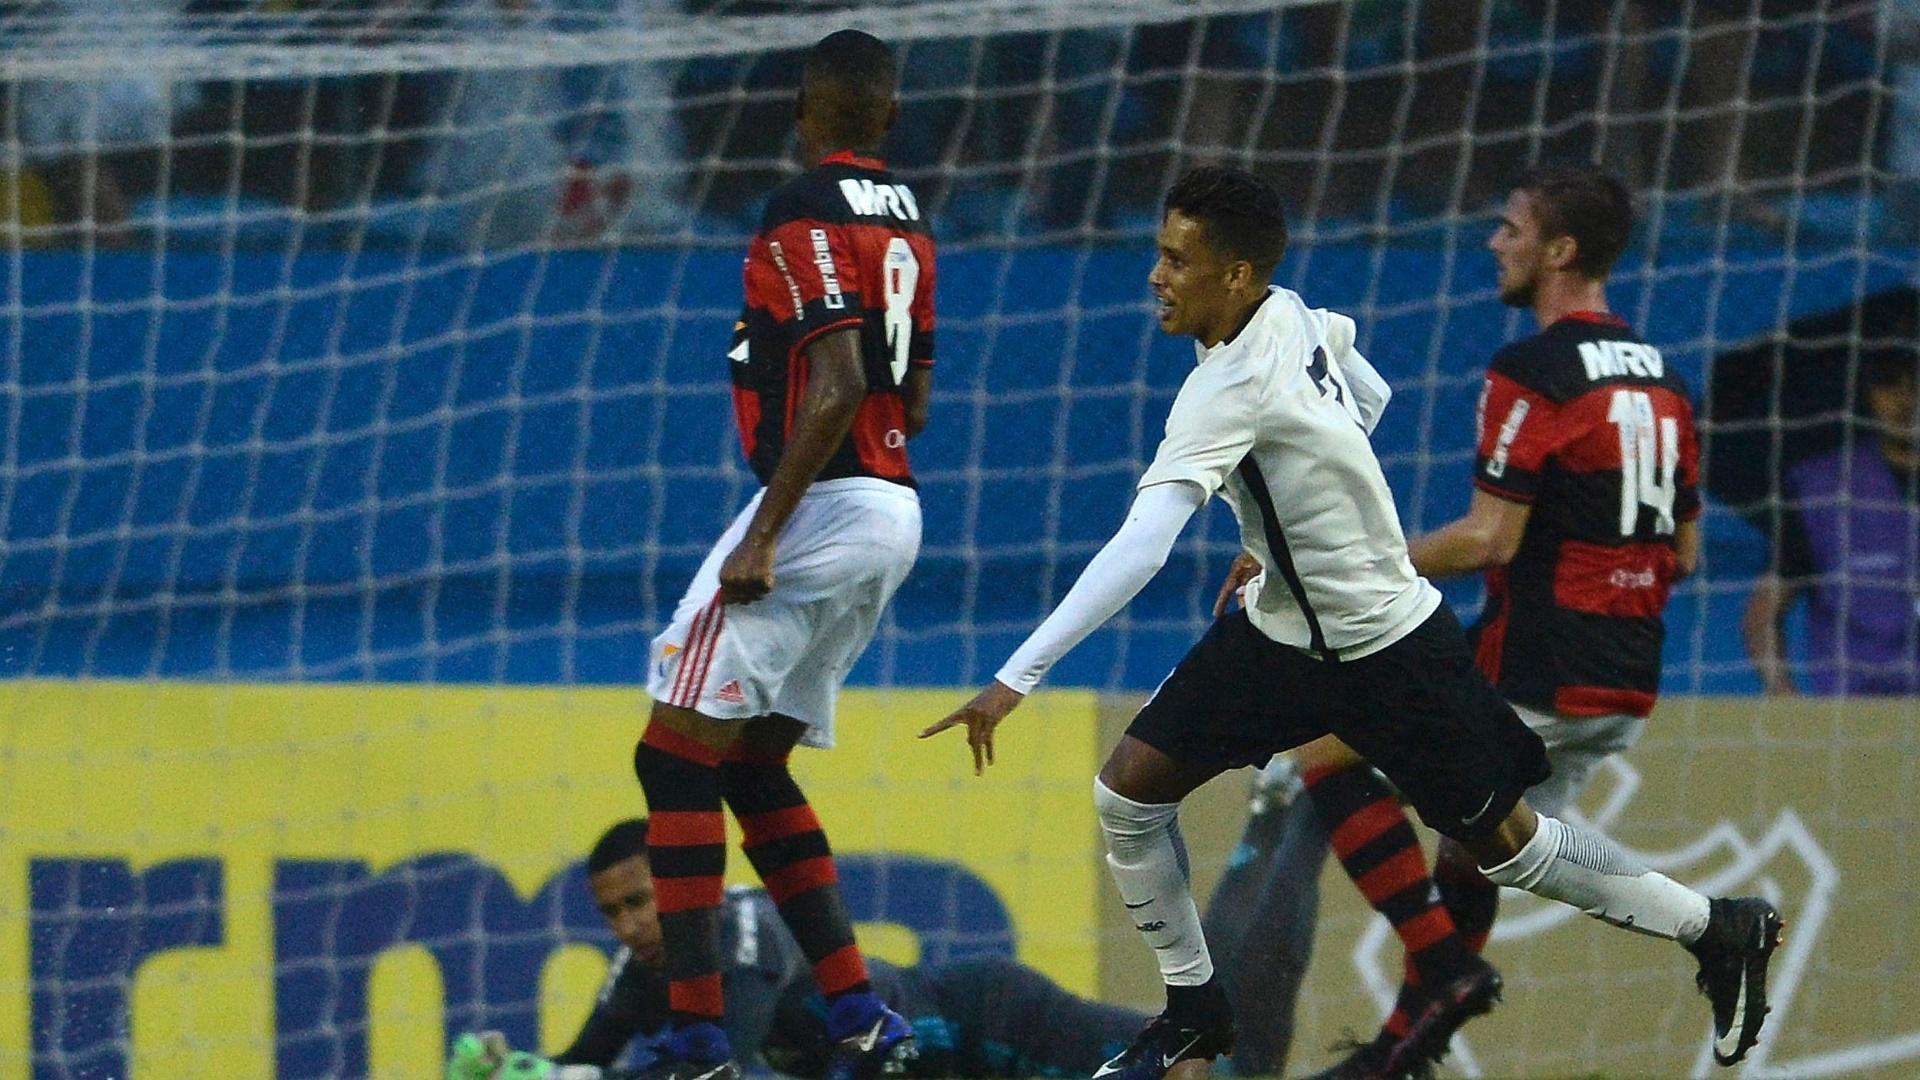 Pedrinho comemora ao marcar para o Corinthians contra o Flamengo